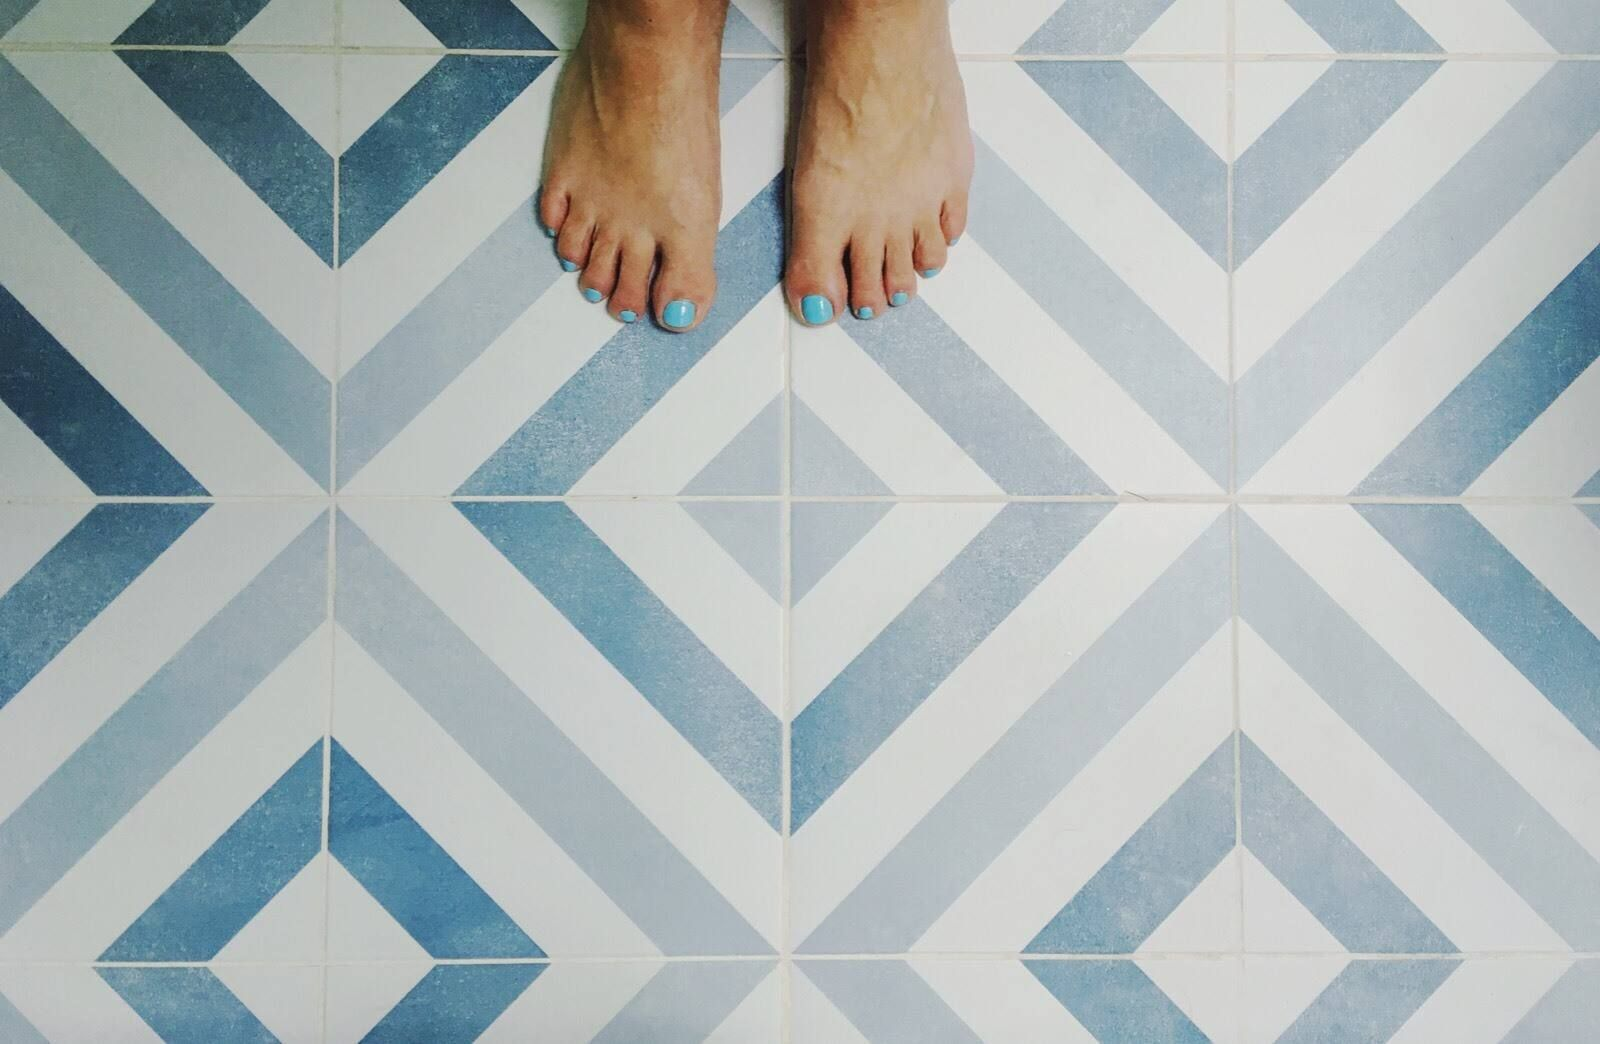 feet on a clean tiled floor